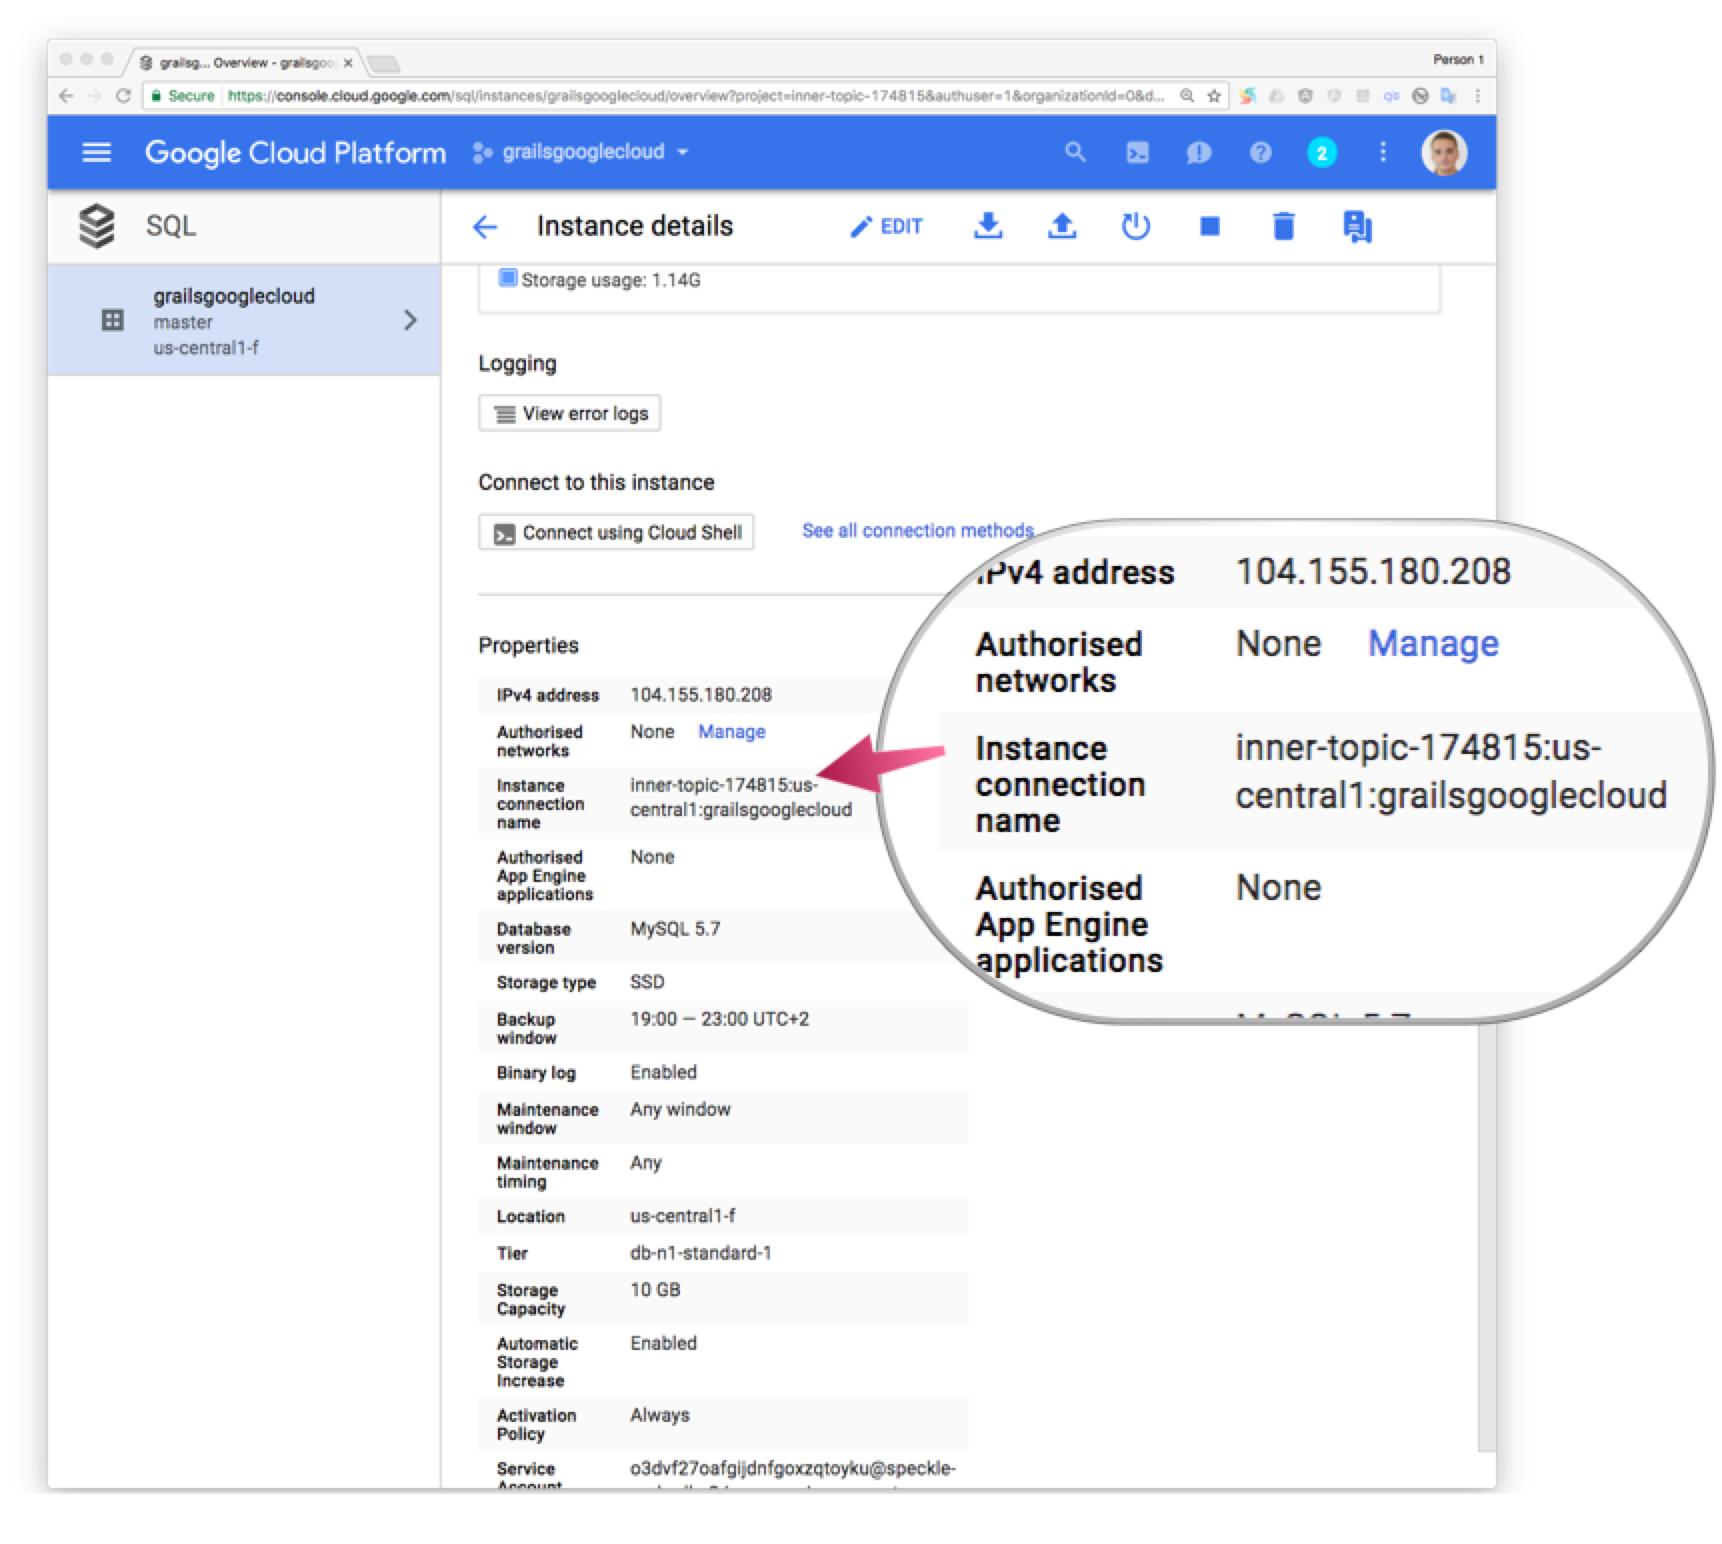 Deploy a Grails app to Google Cloud